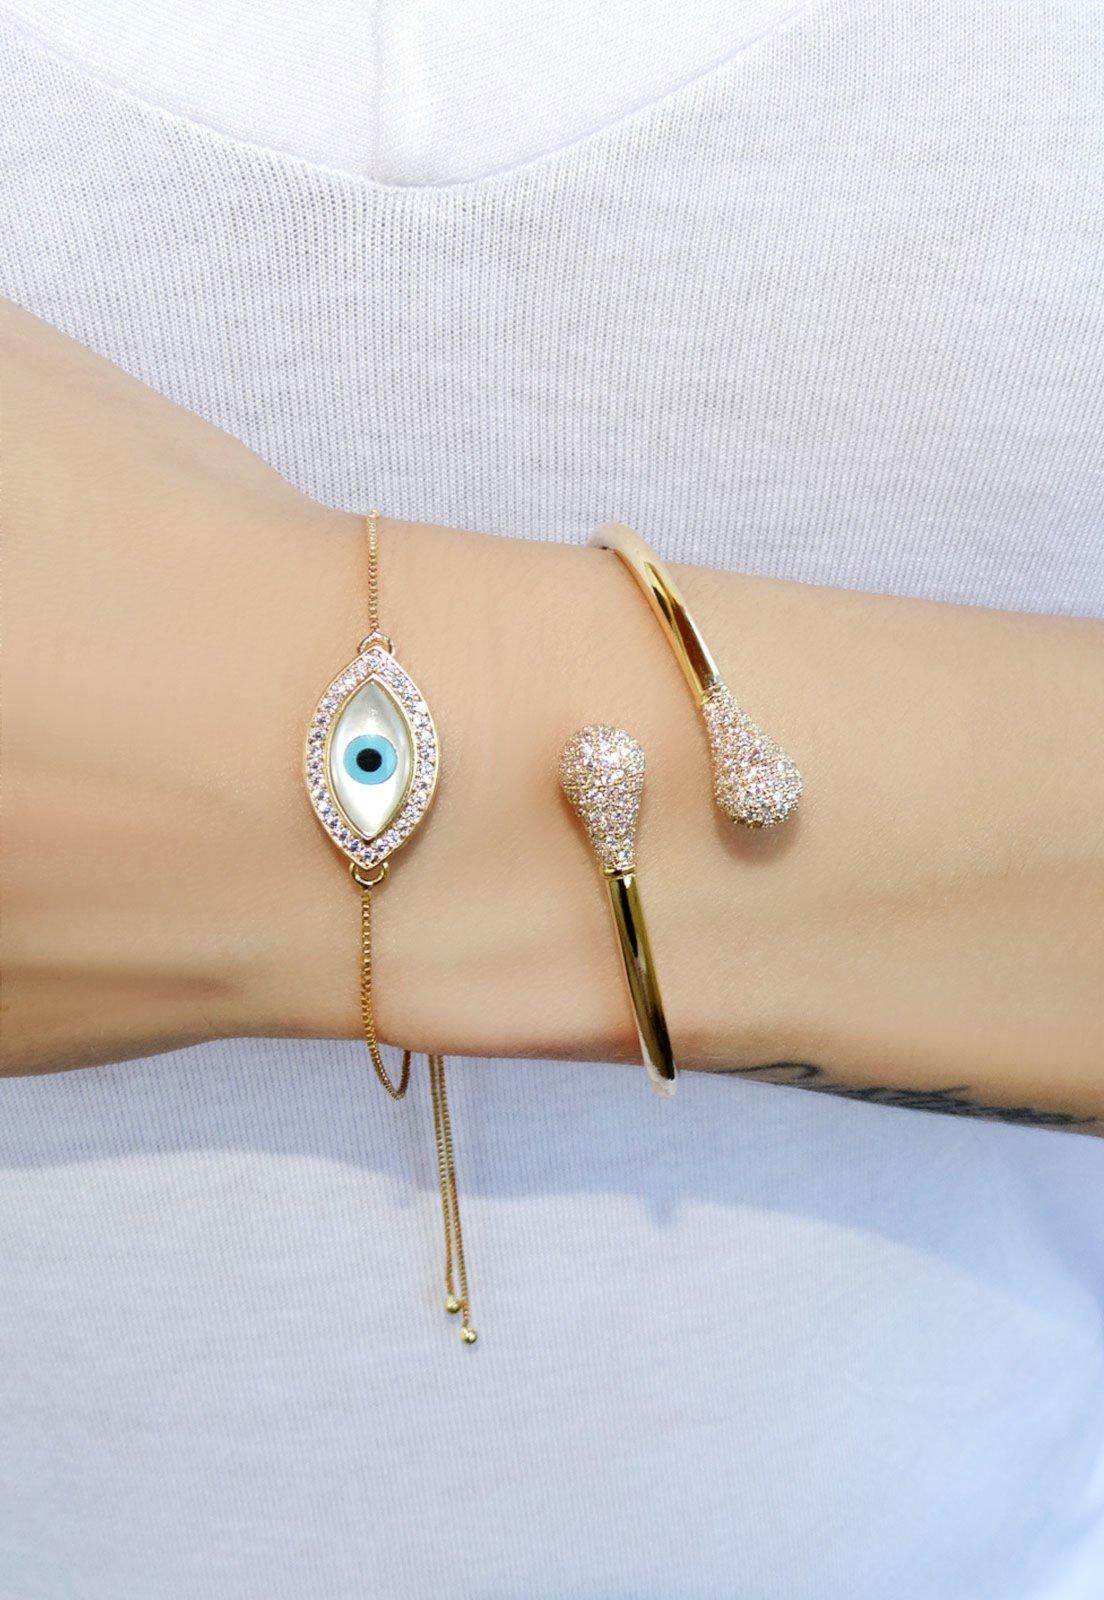 Bracelete Infine Rígido Cravejado Na Ponta Banhado A Ouro - Marca Infine